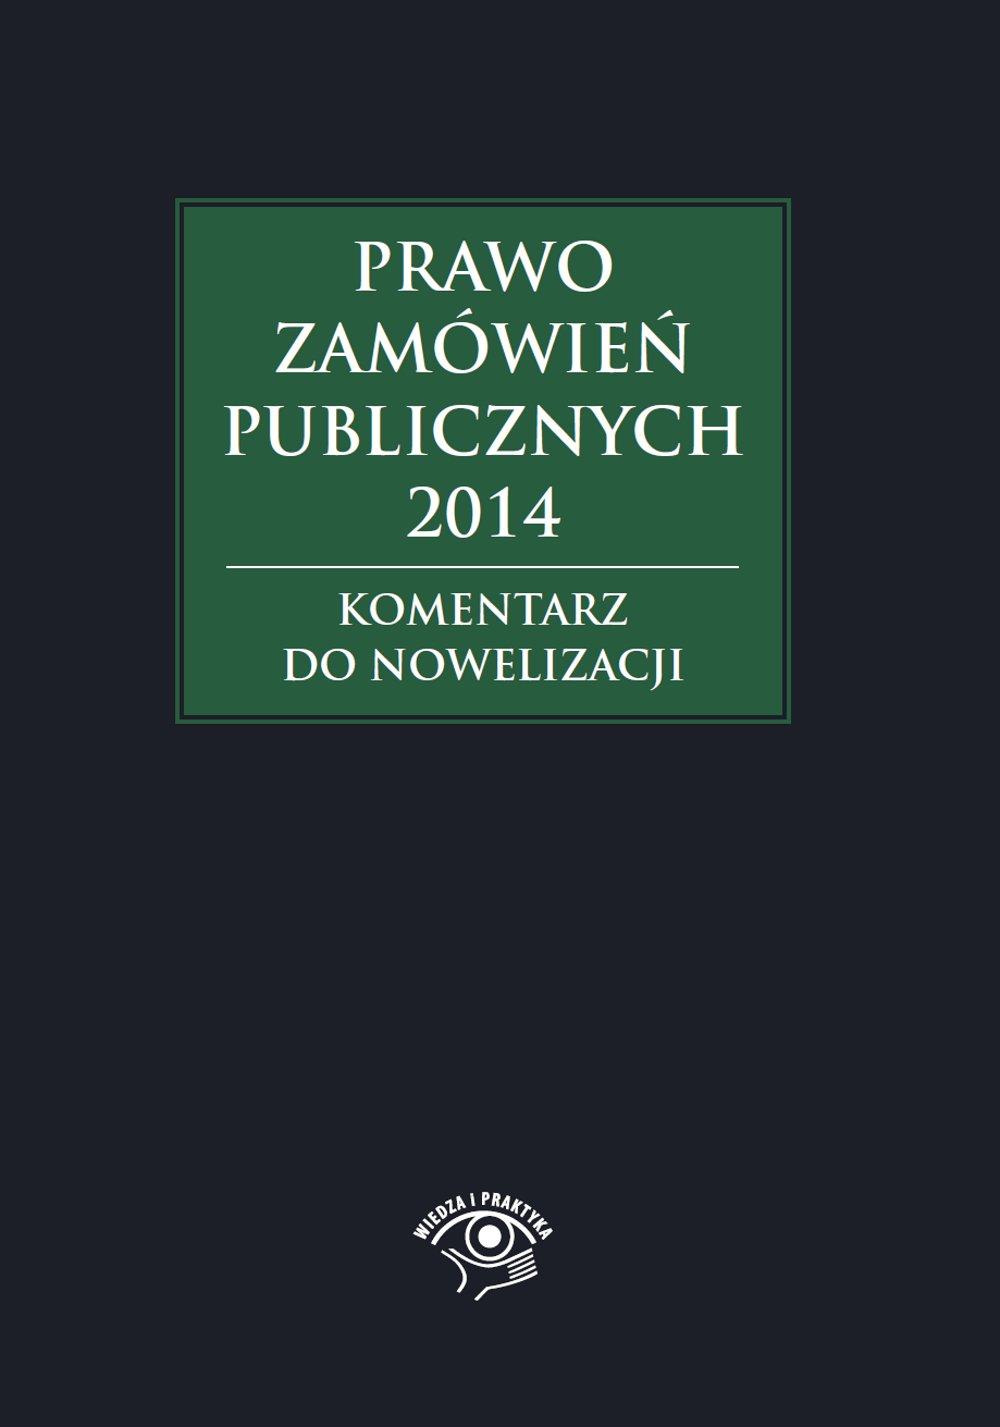 Prawo zamówień publicznych 2014. Komentarz do nowelizacji - Ebook (Książka PDF) do pobrania w formacie PDF